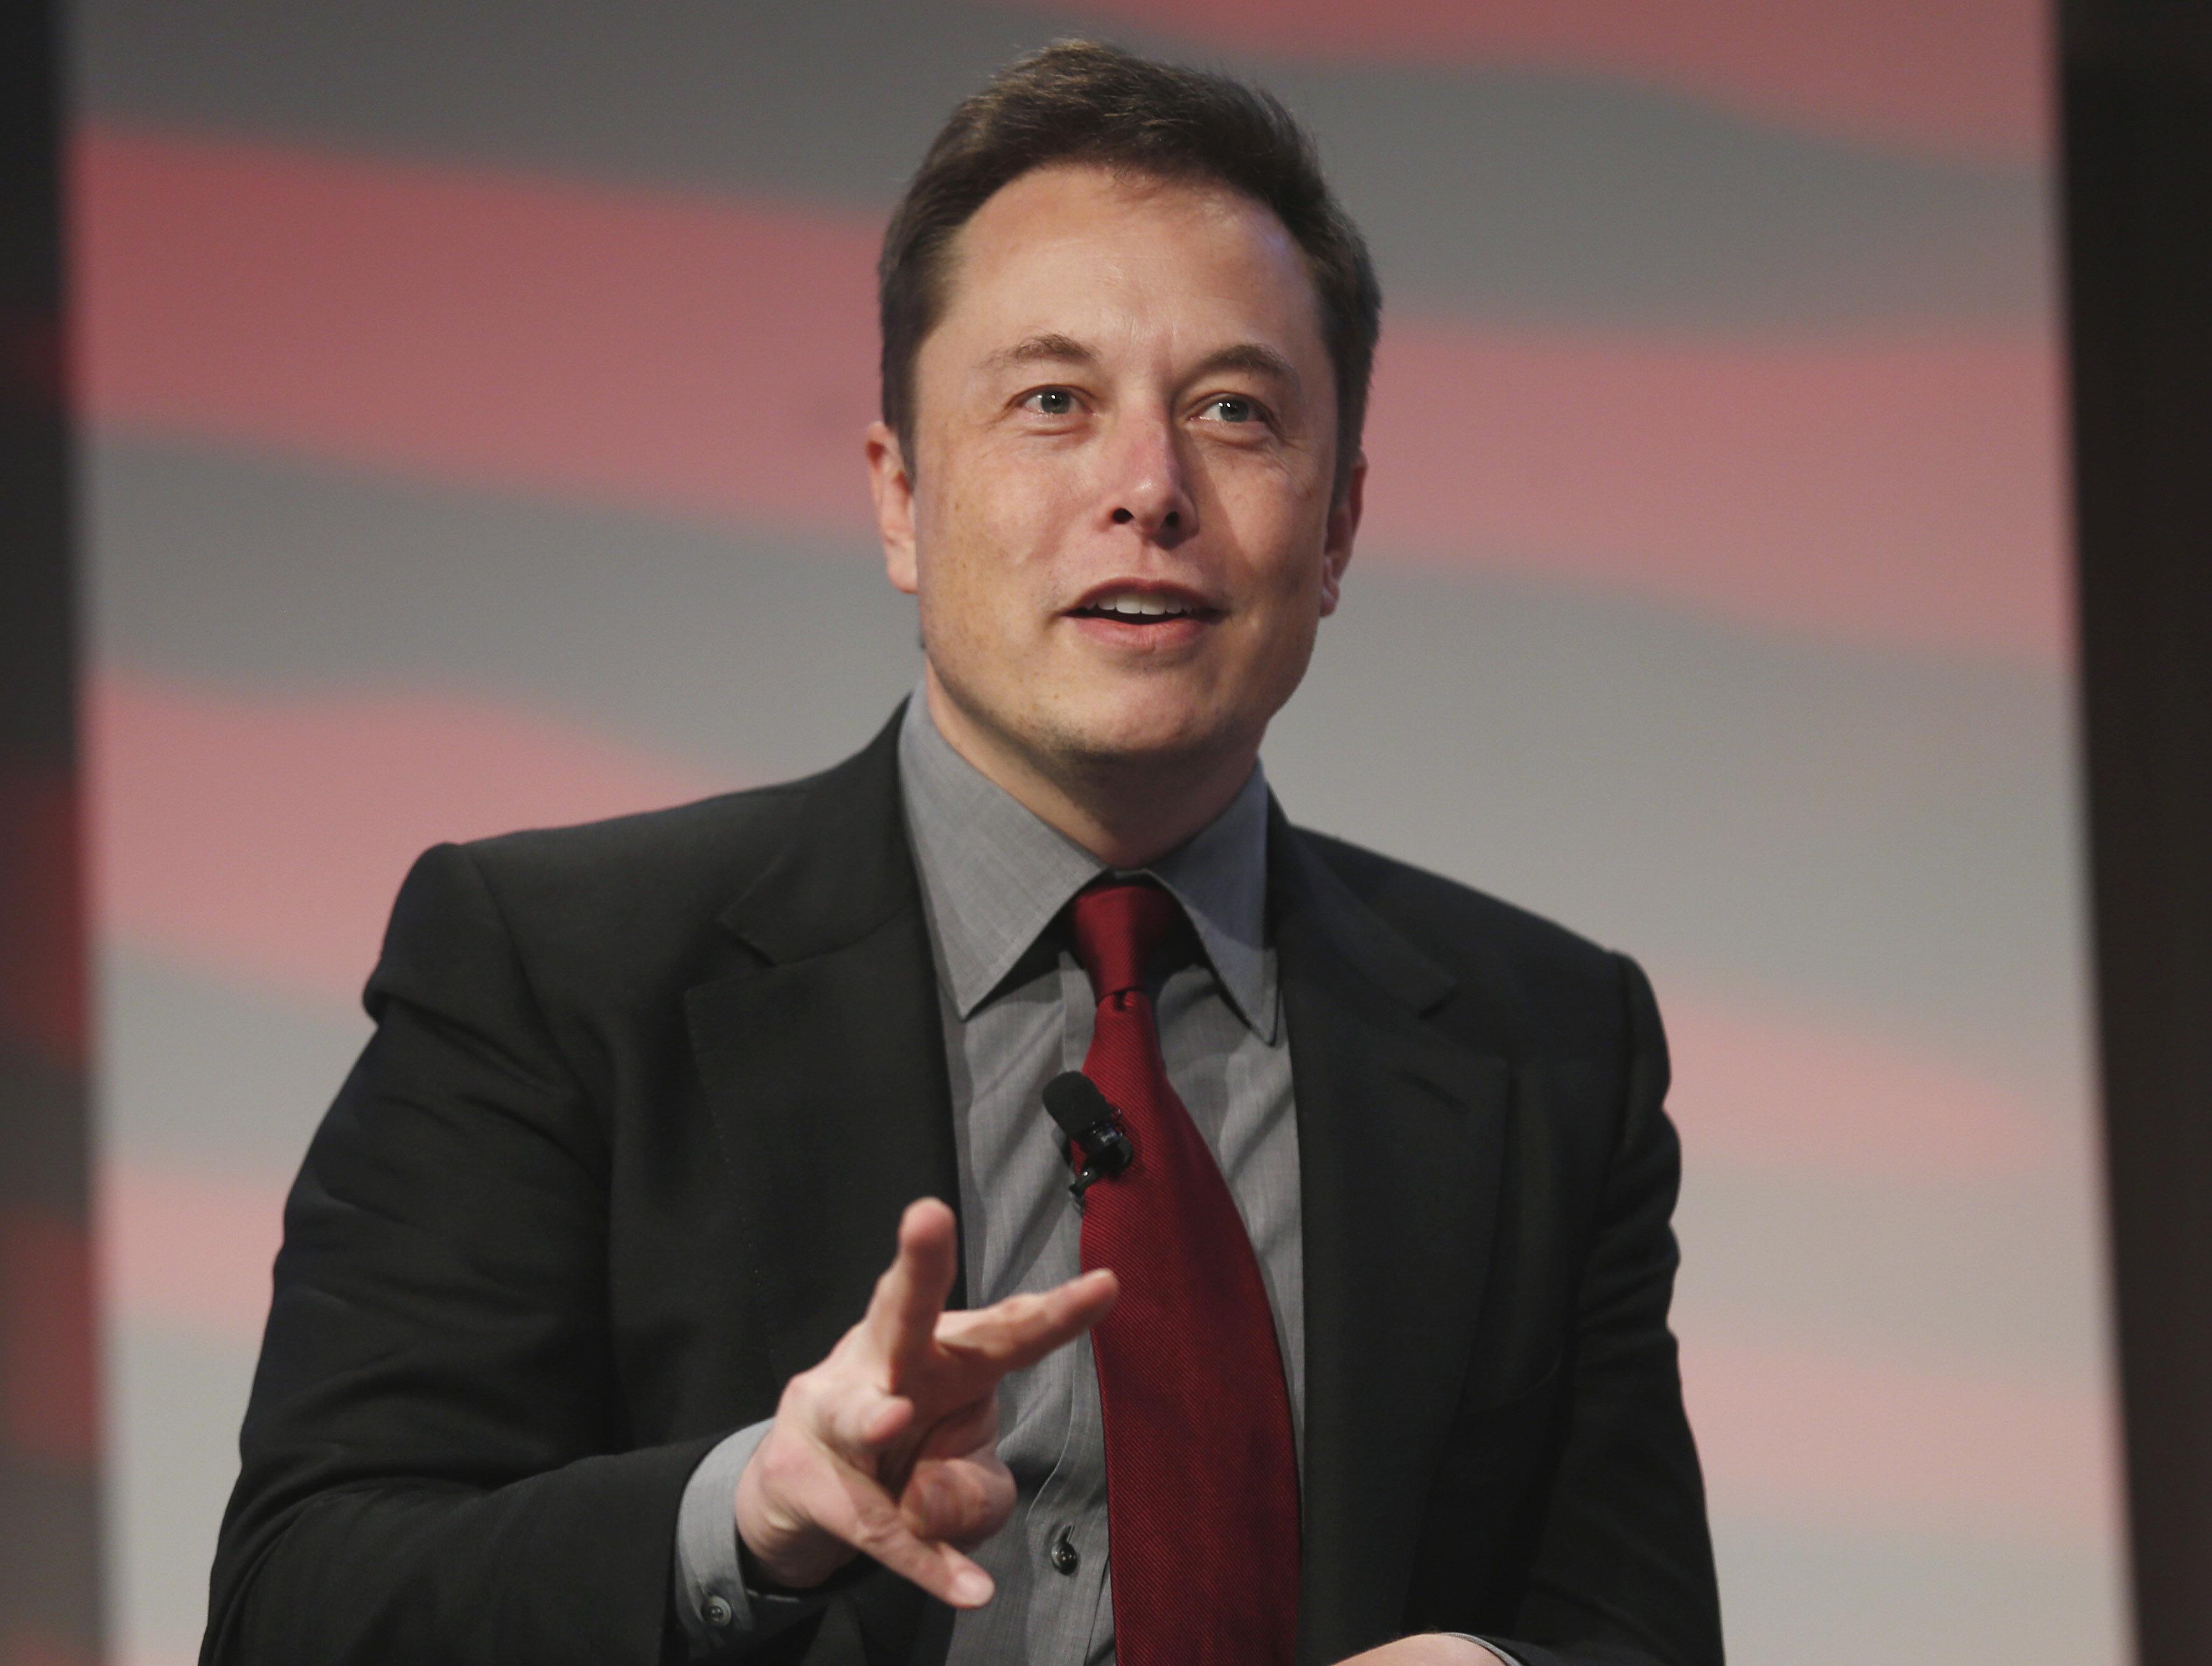 Οι συμβουλές του Elon Musk για να γίνετε περισσότερο παραγωγικοί στη